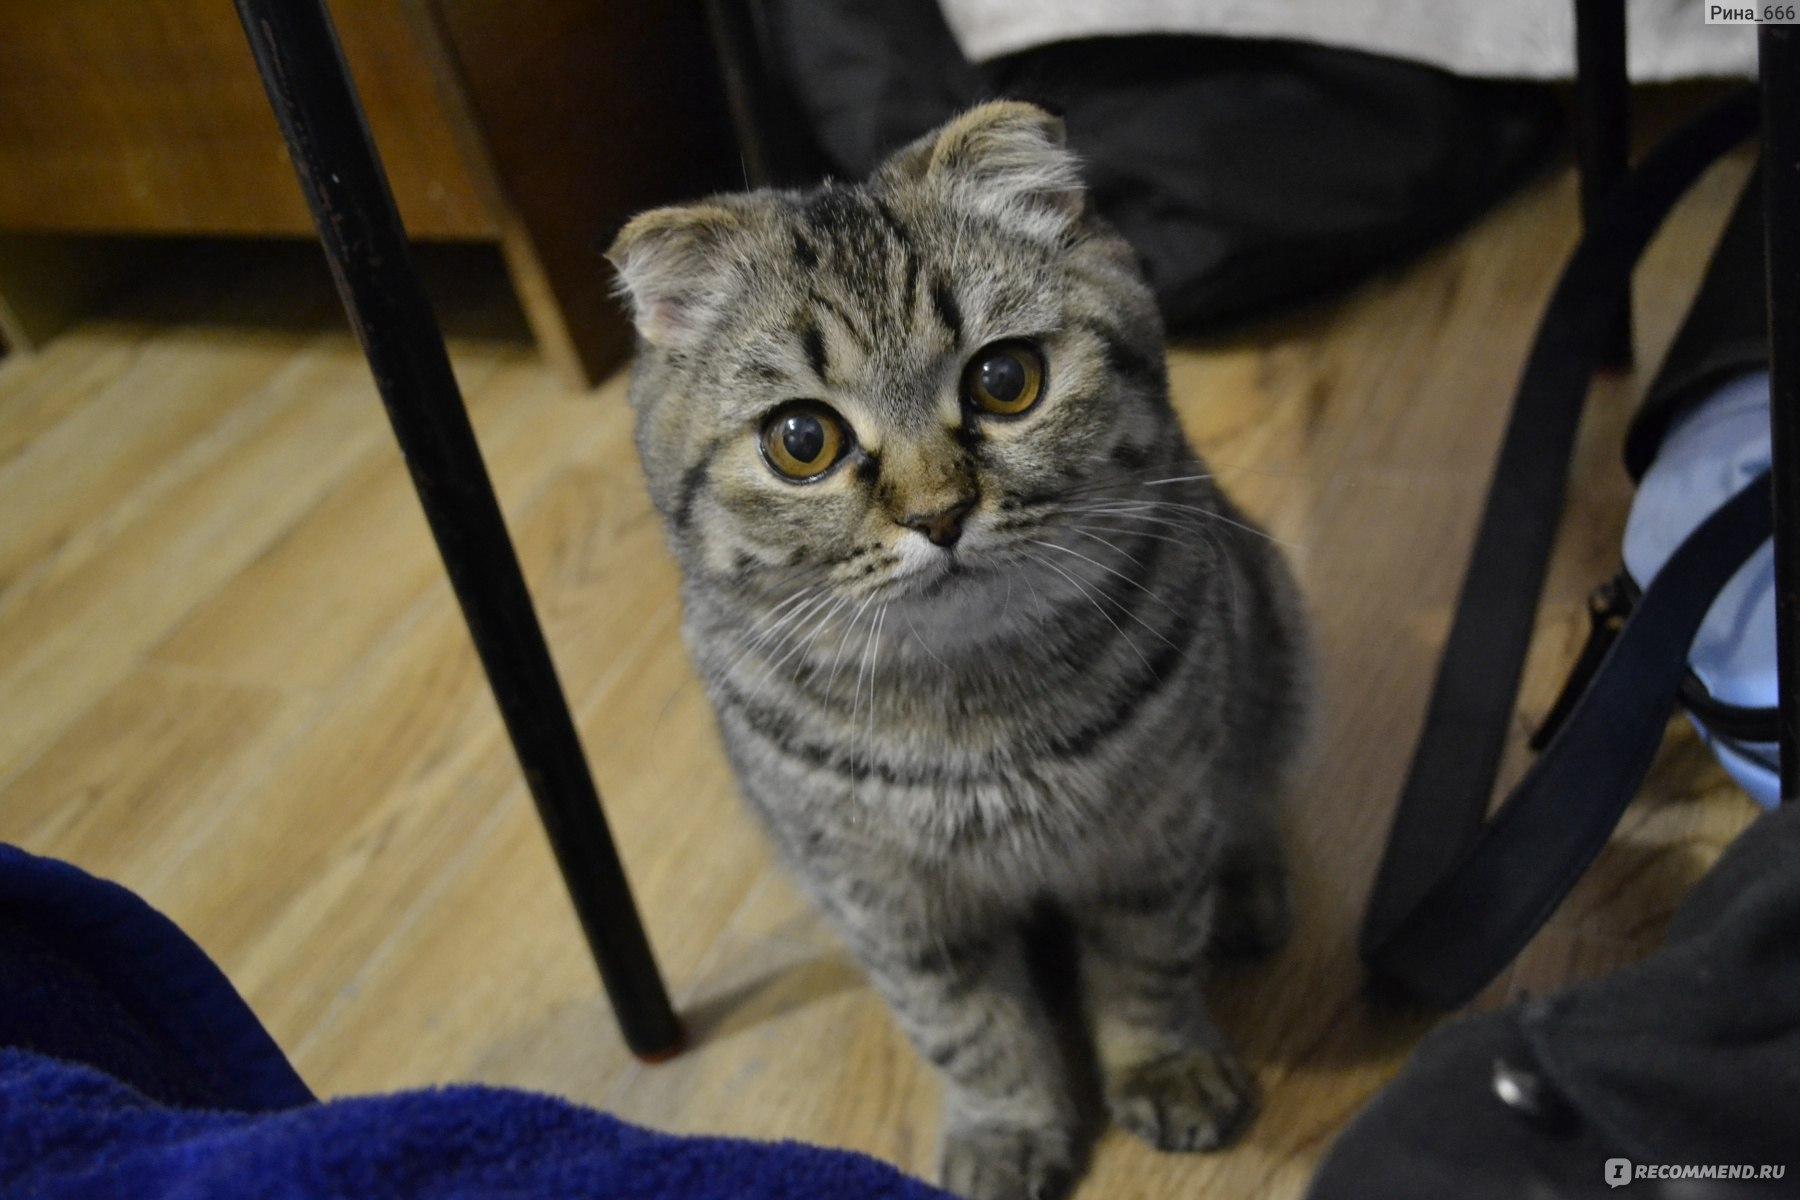 видео, имя и фото шотландской вислоухой кошки автору